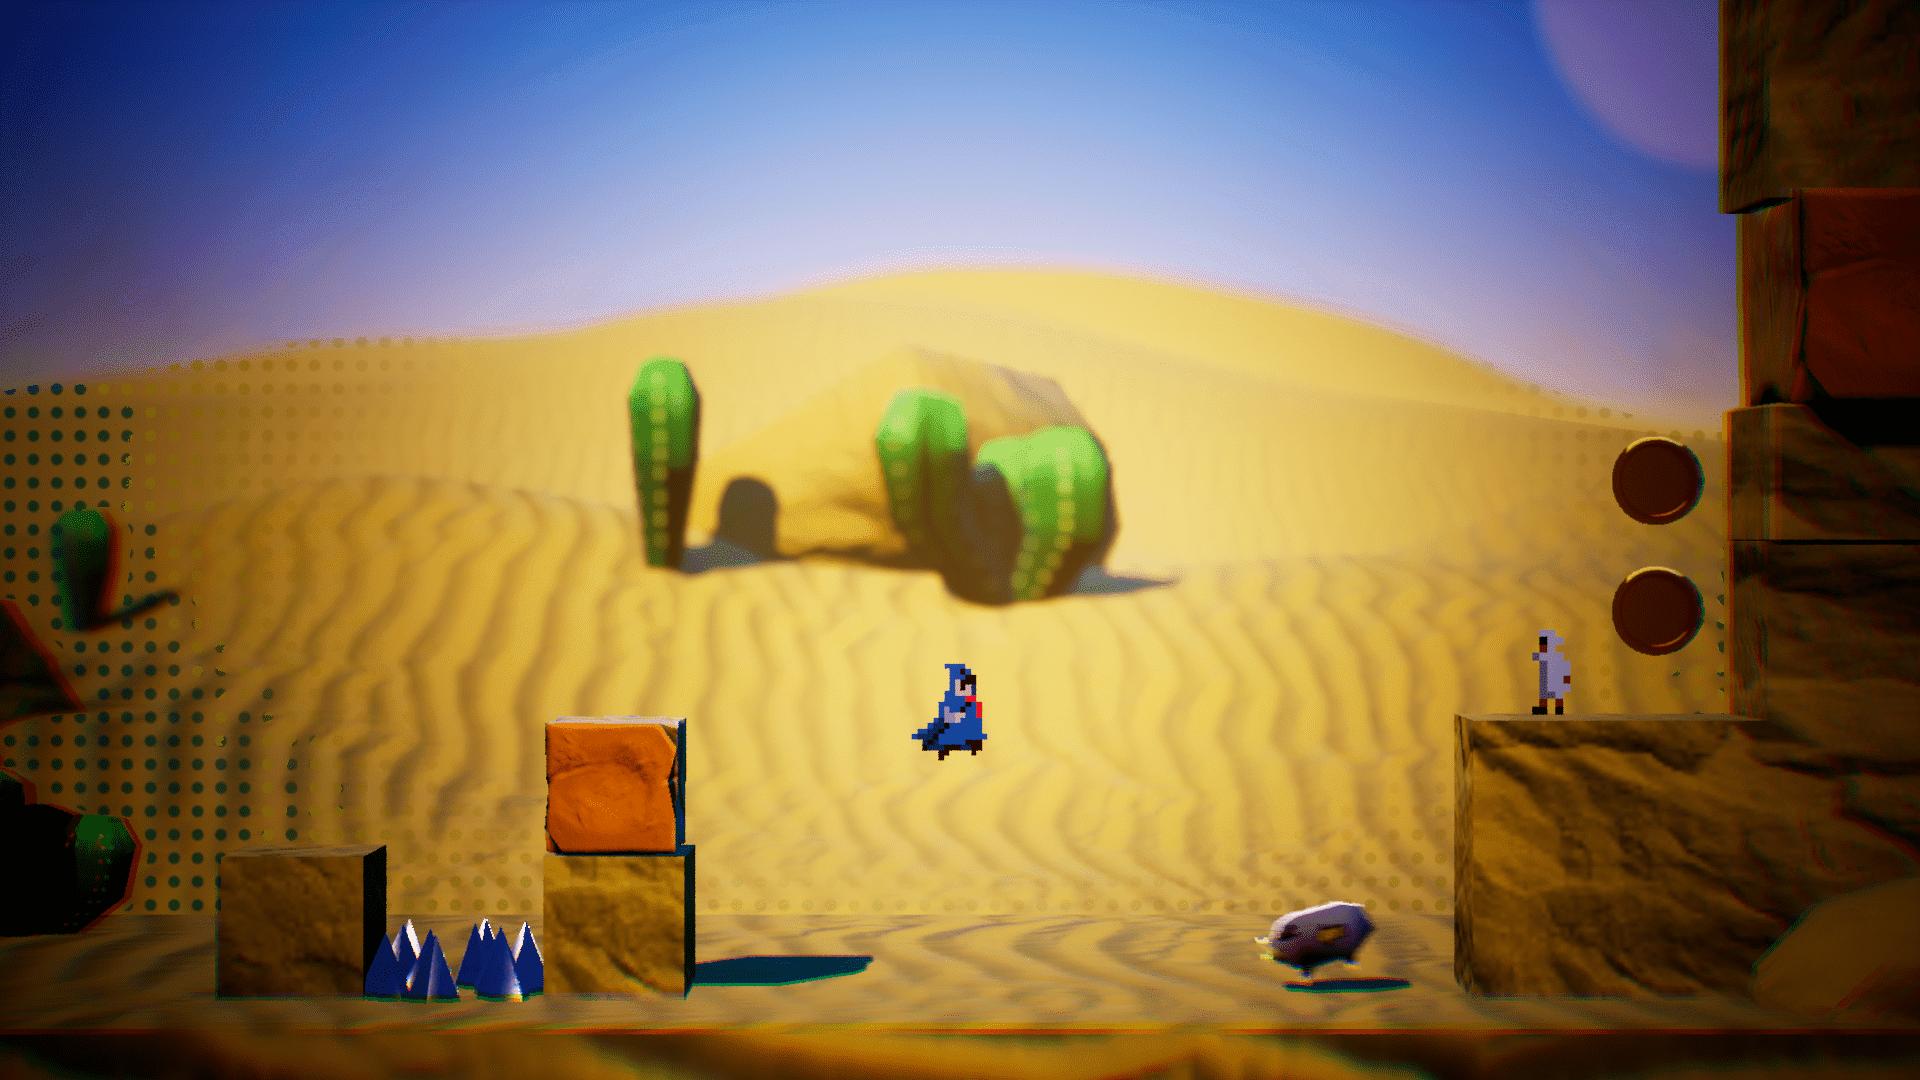 Pole Man jumping through a desert